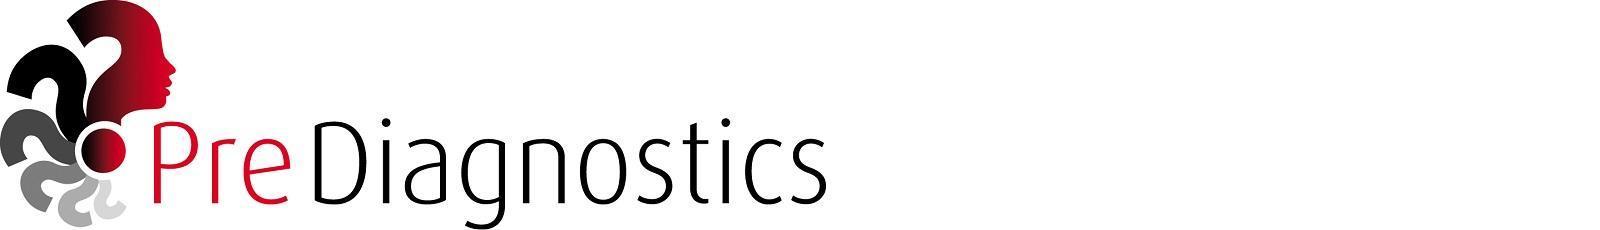 Pre Diagnostics company logo